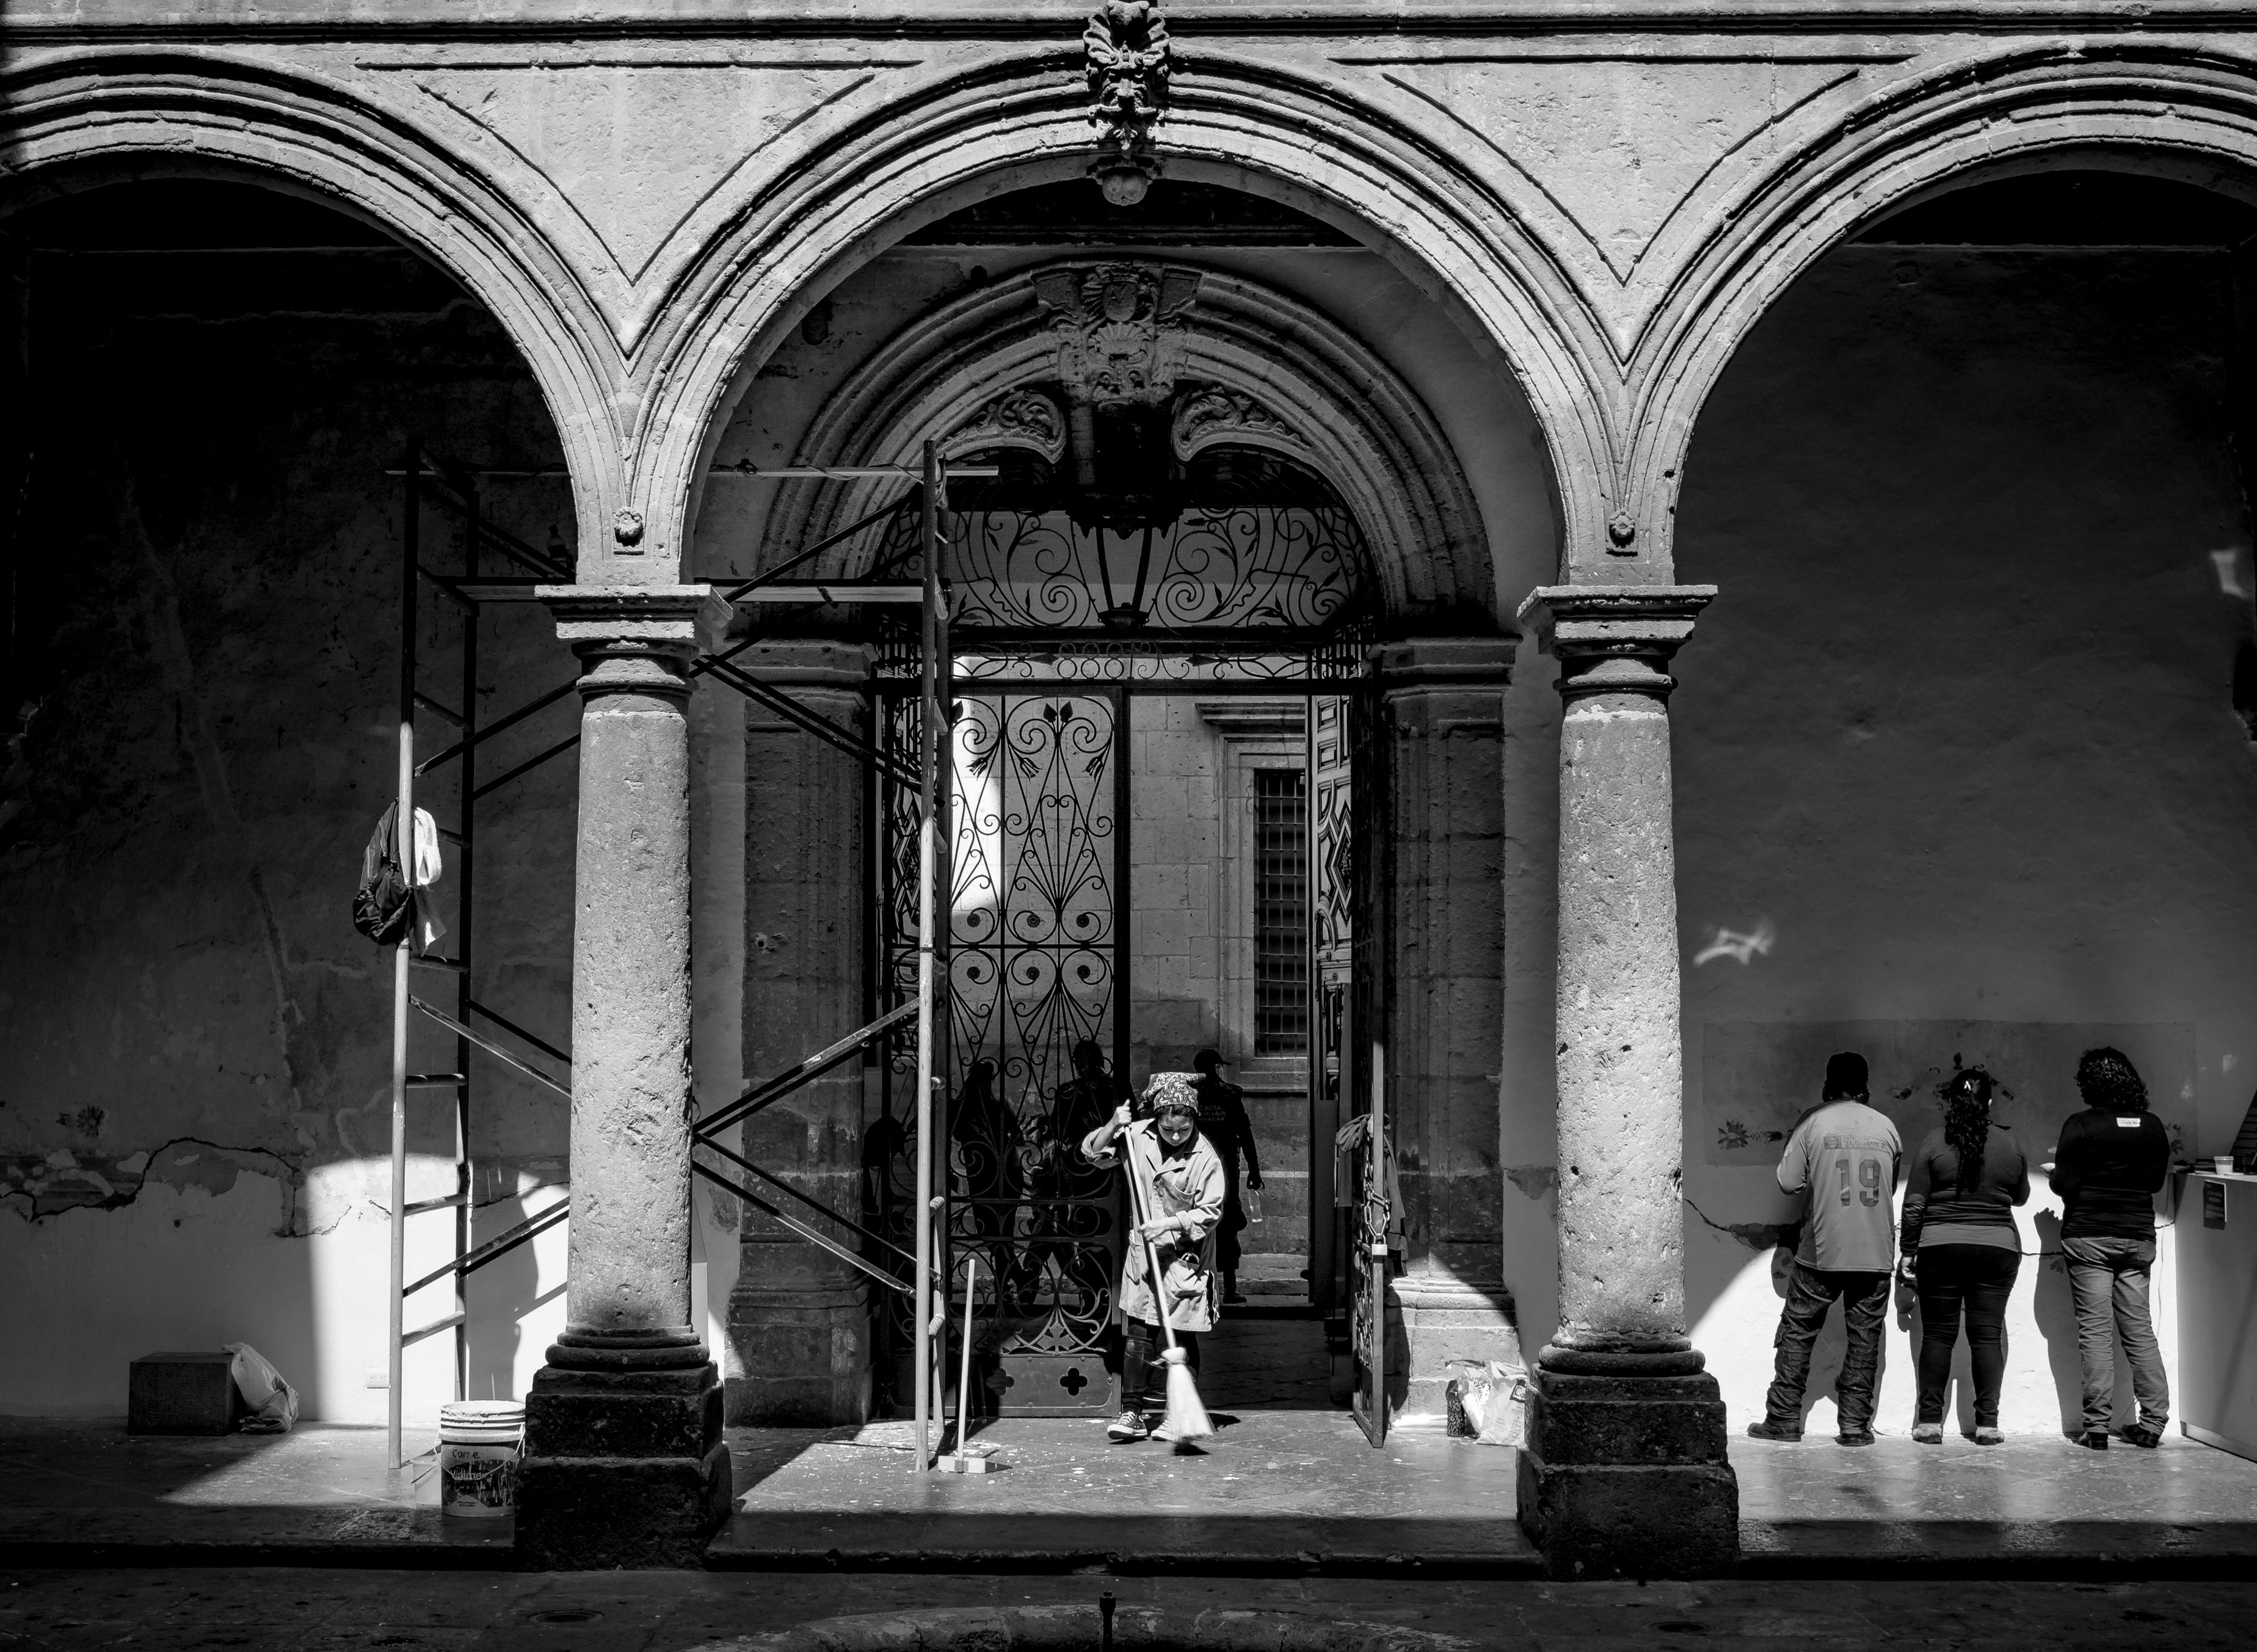 Neoclassic Arches